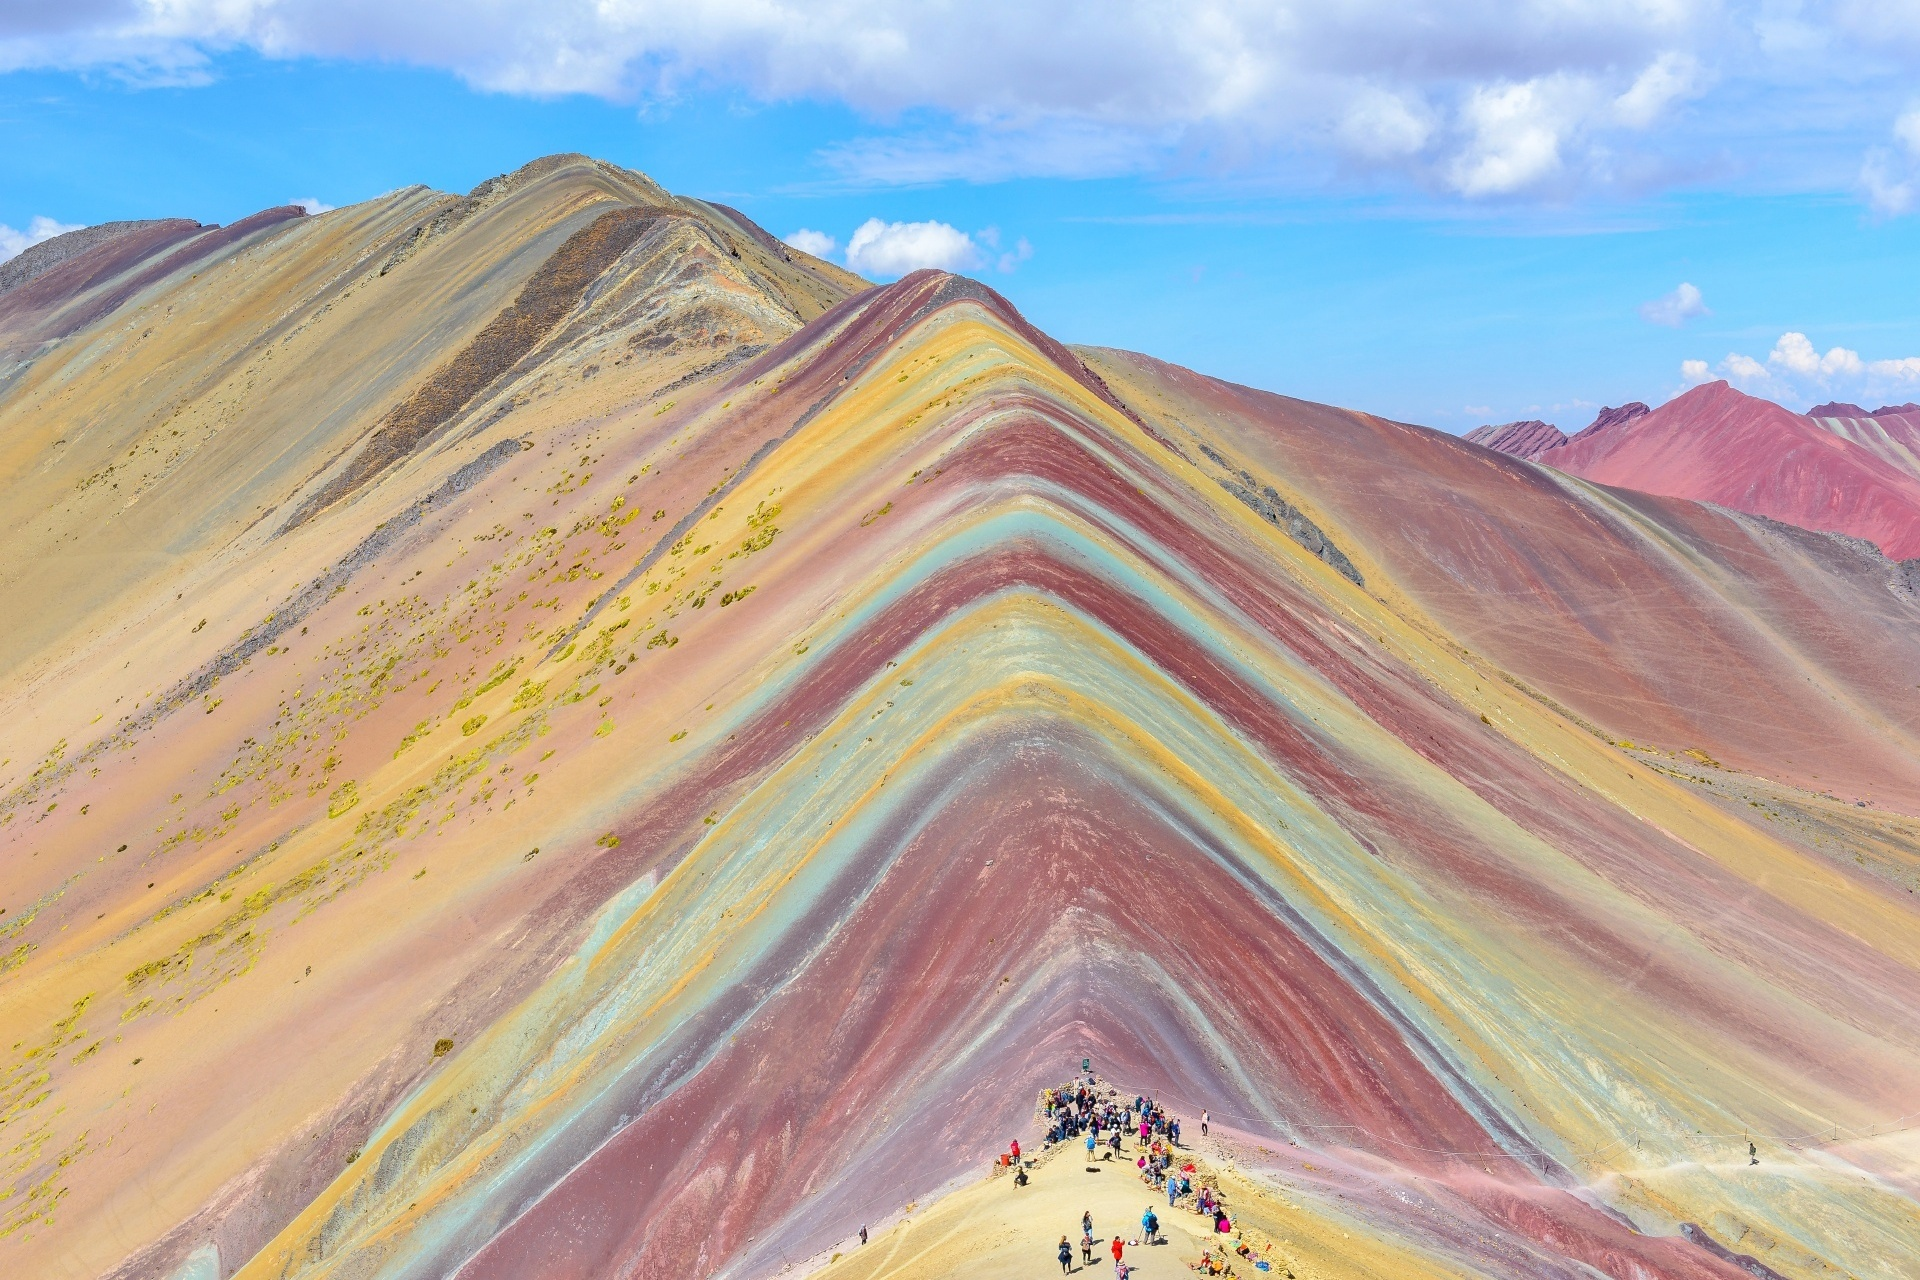 レインボーマウンテンの風景 ペルーの風景